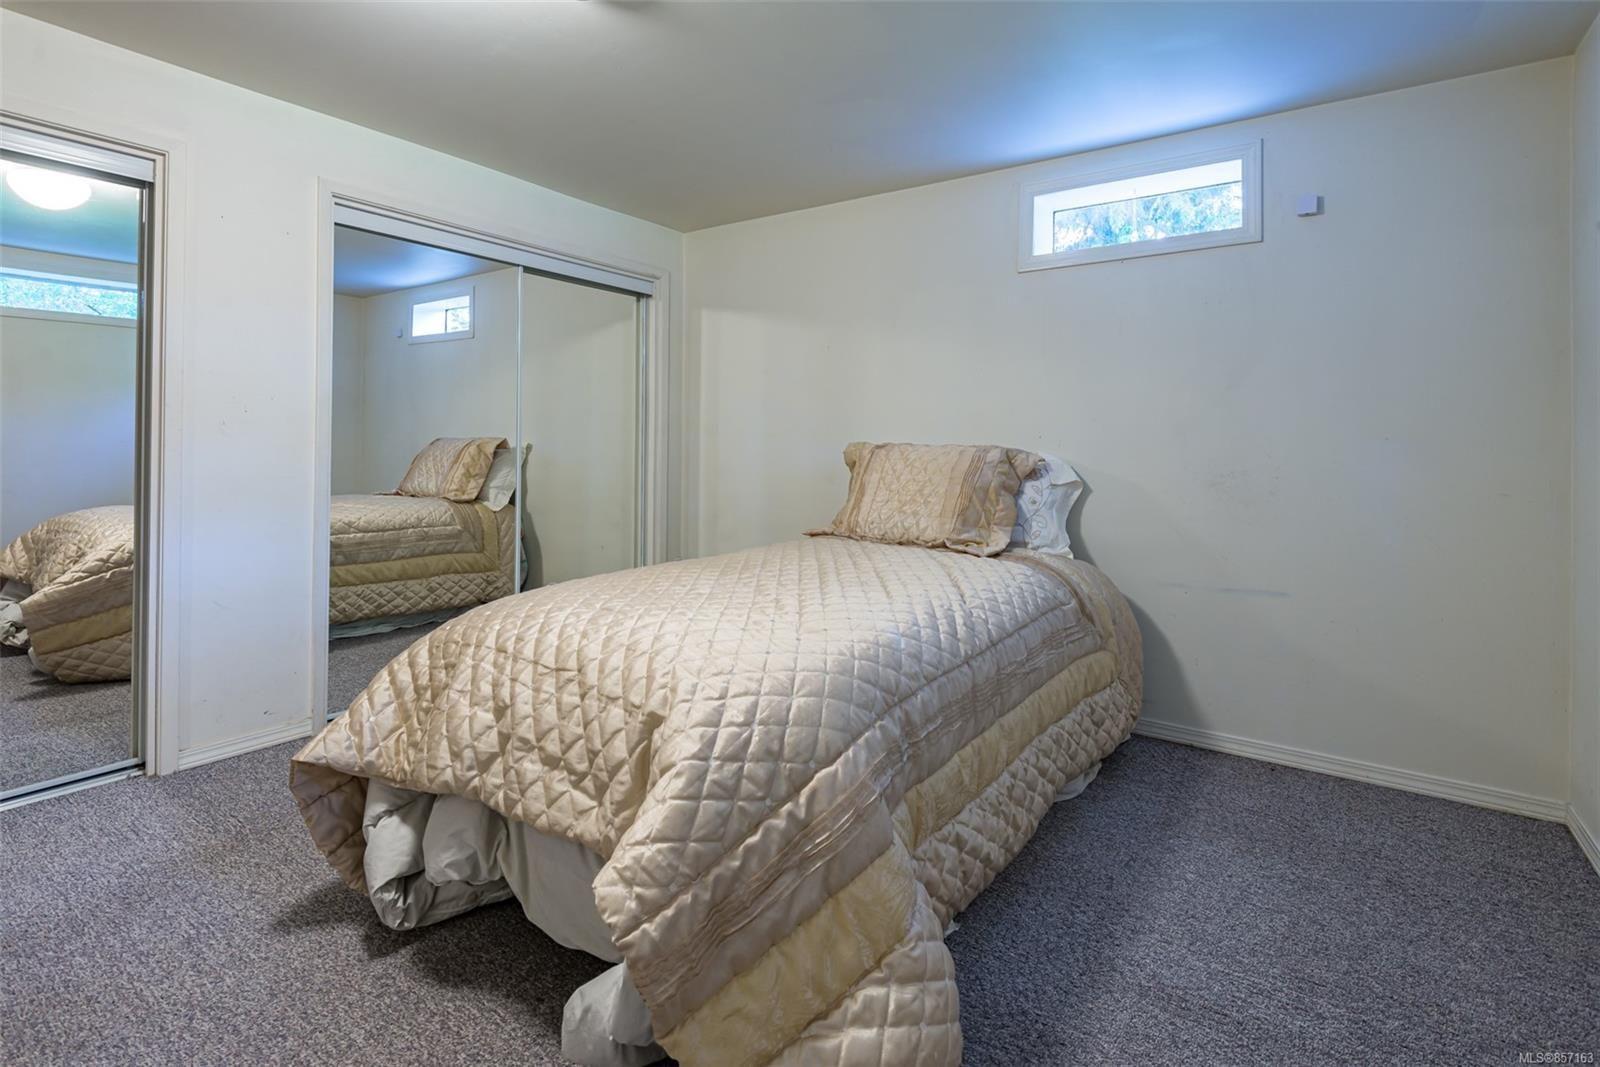 Photo 42: Photos: 4241 Buddington Rd in : CV Courtenay South House for sale (Comox Valley)  : MLS®# 857163